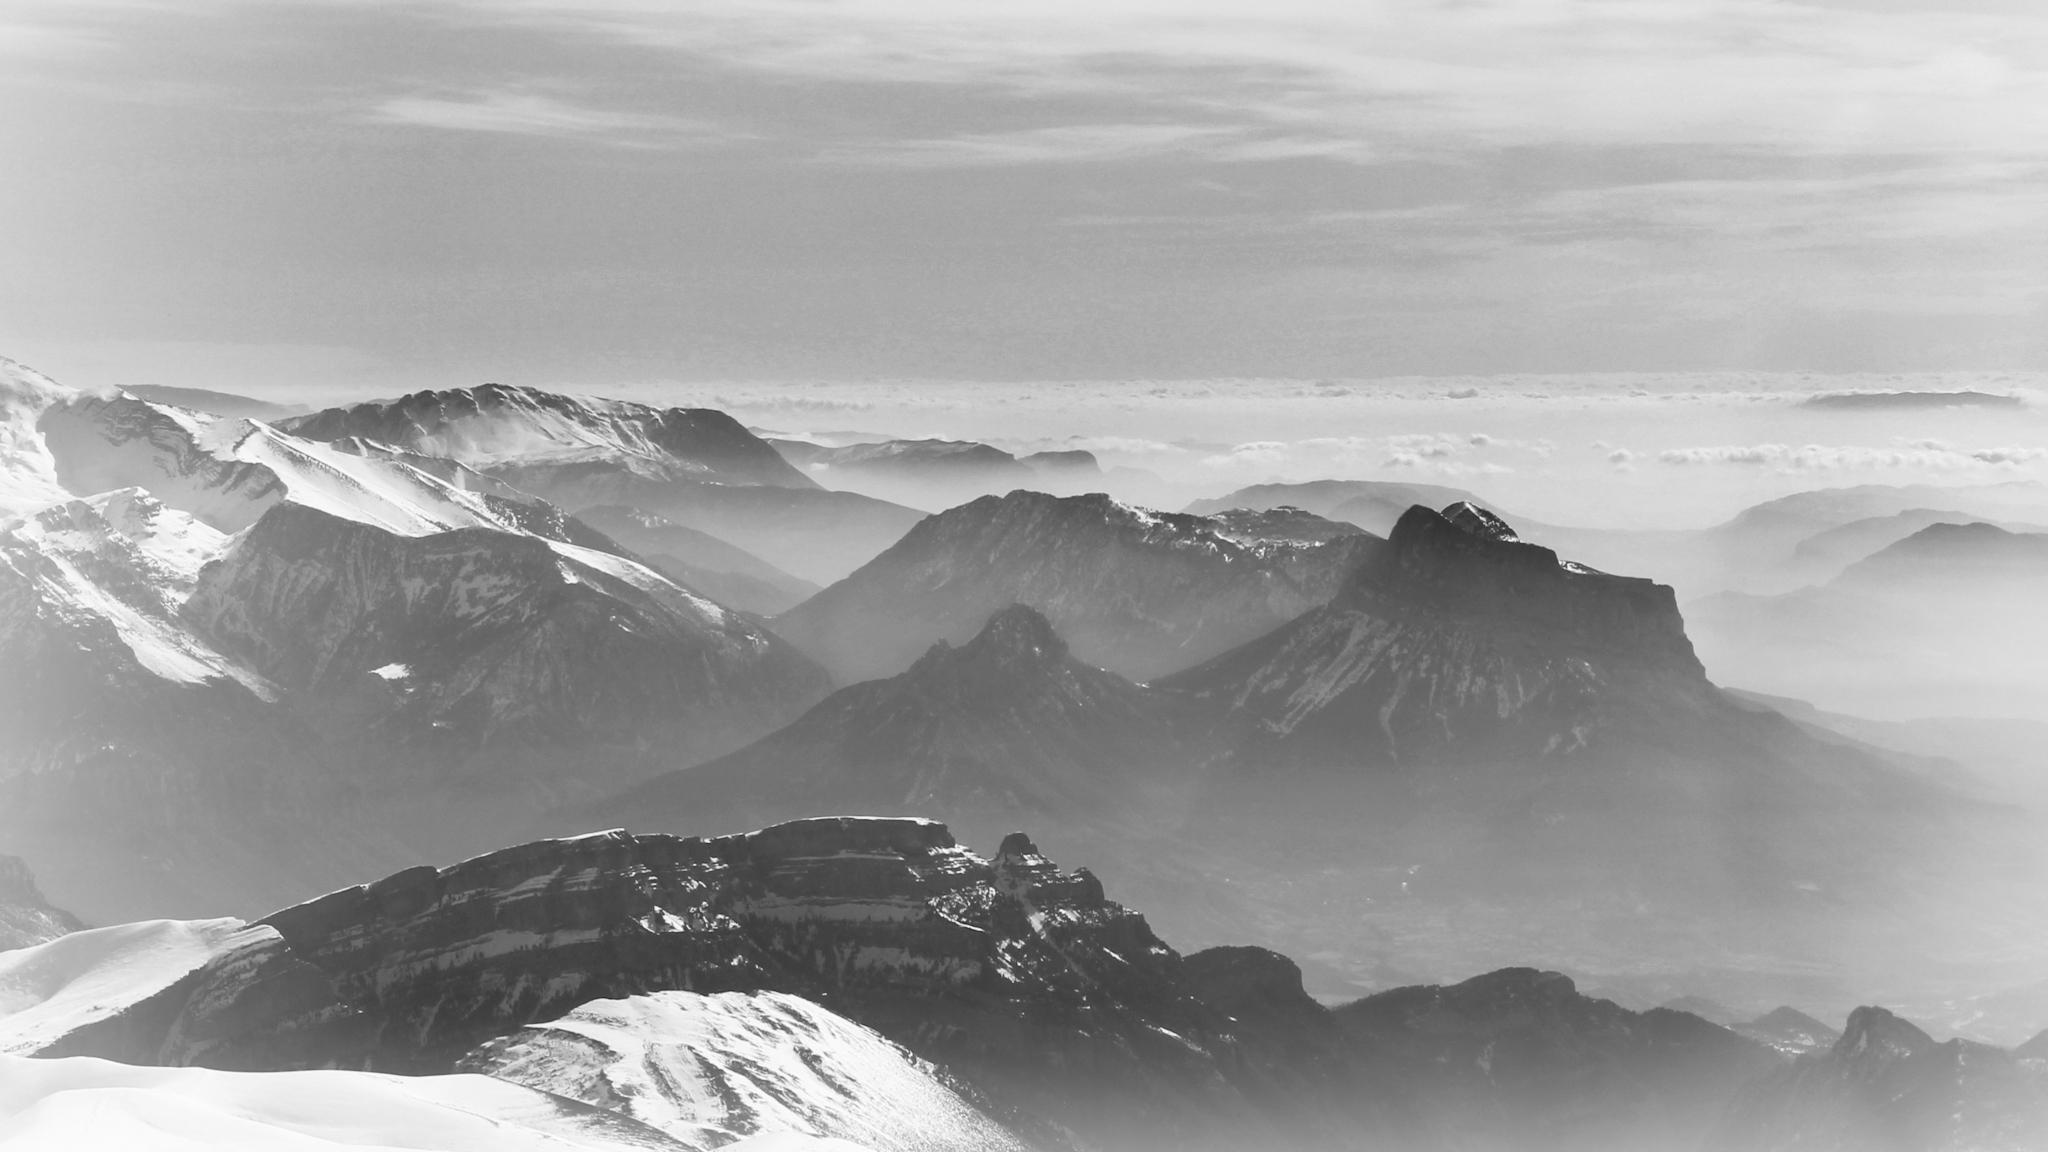 Peña Montañesa - Otras montañas - Fotos del Valle del Aragón, Mikel Besga